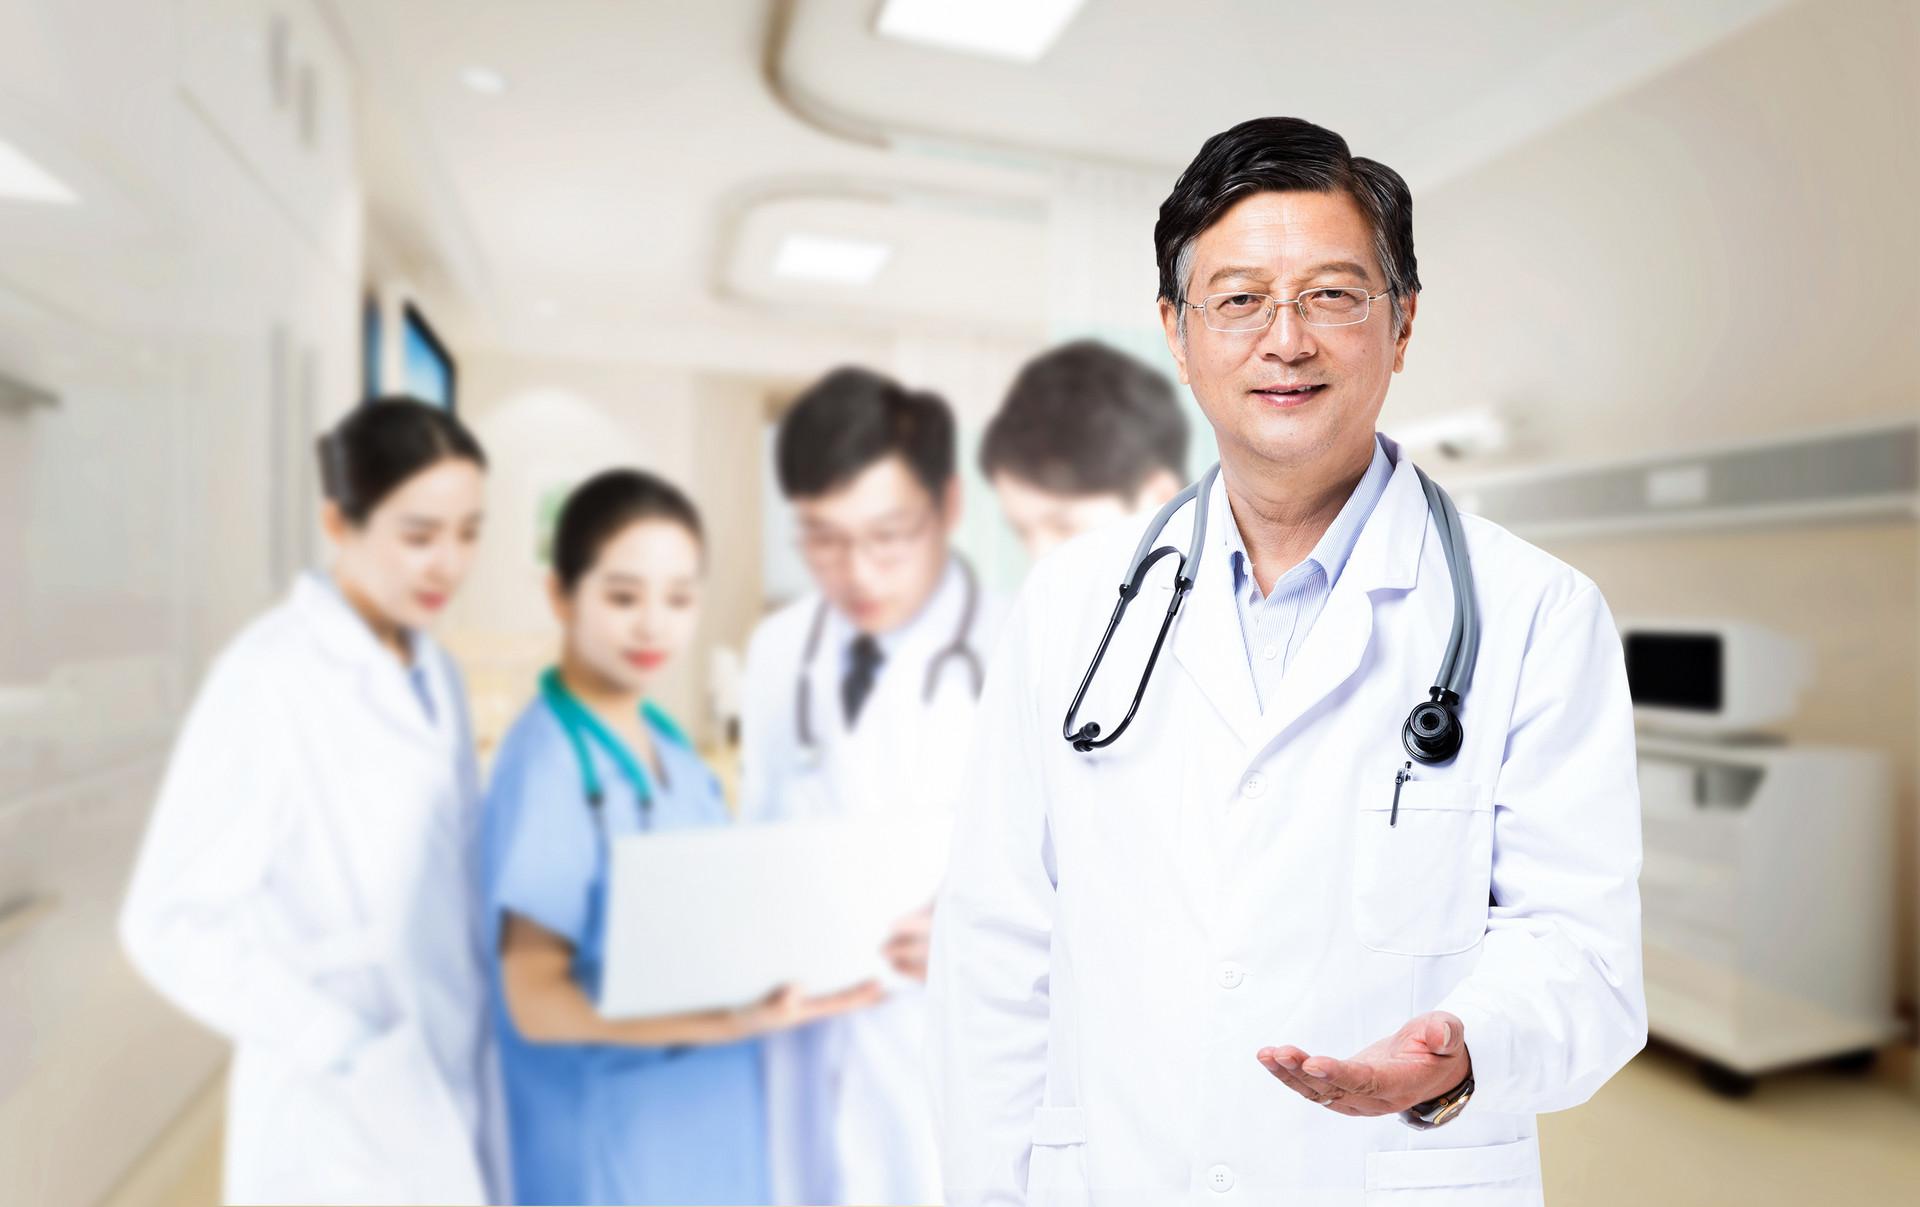 沈阳2020健康管理师考试培训